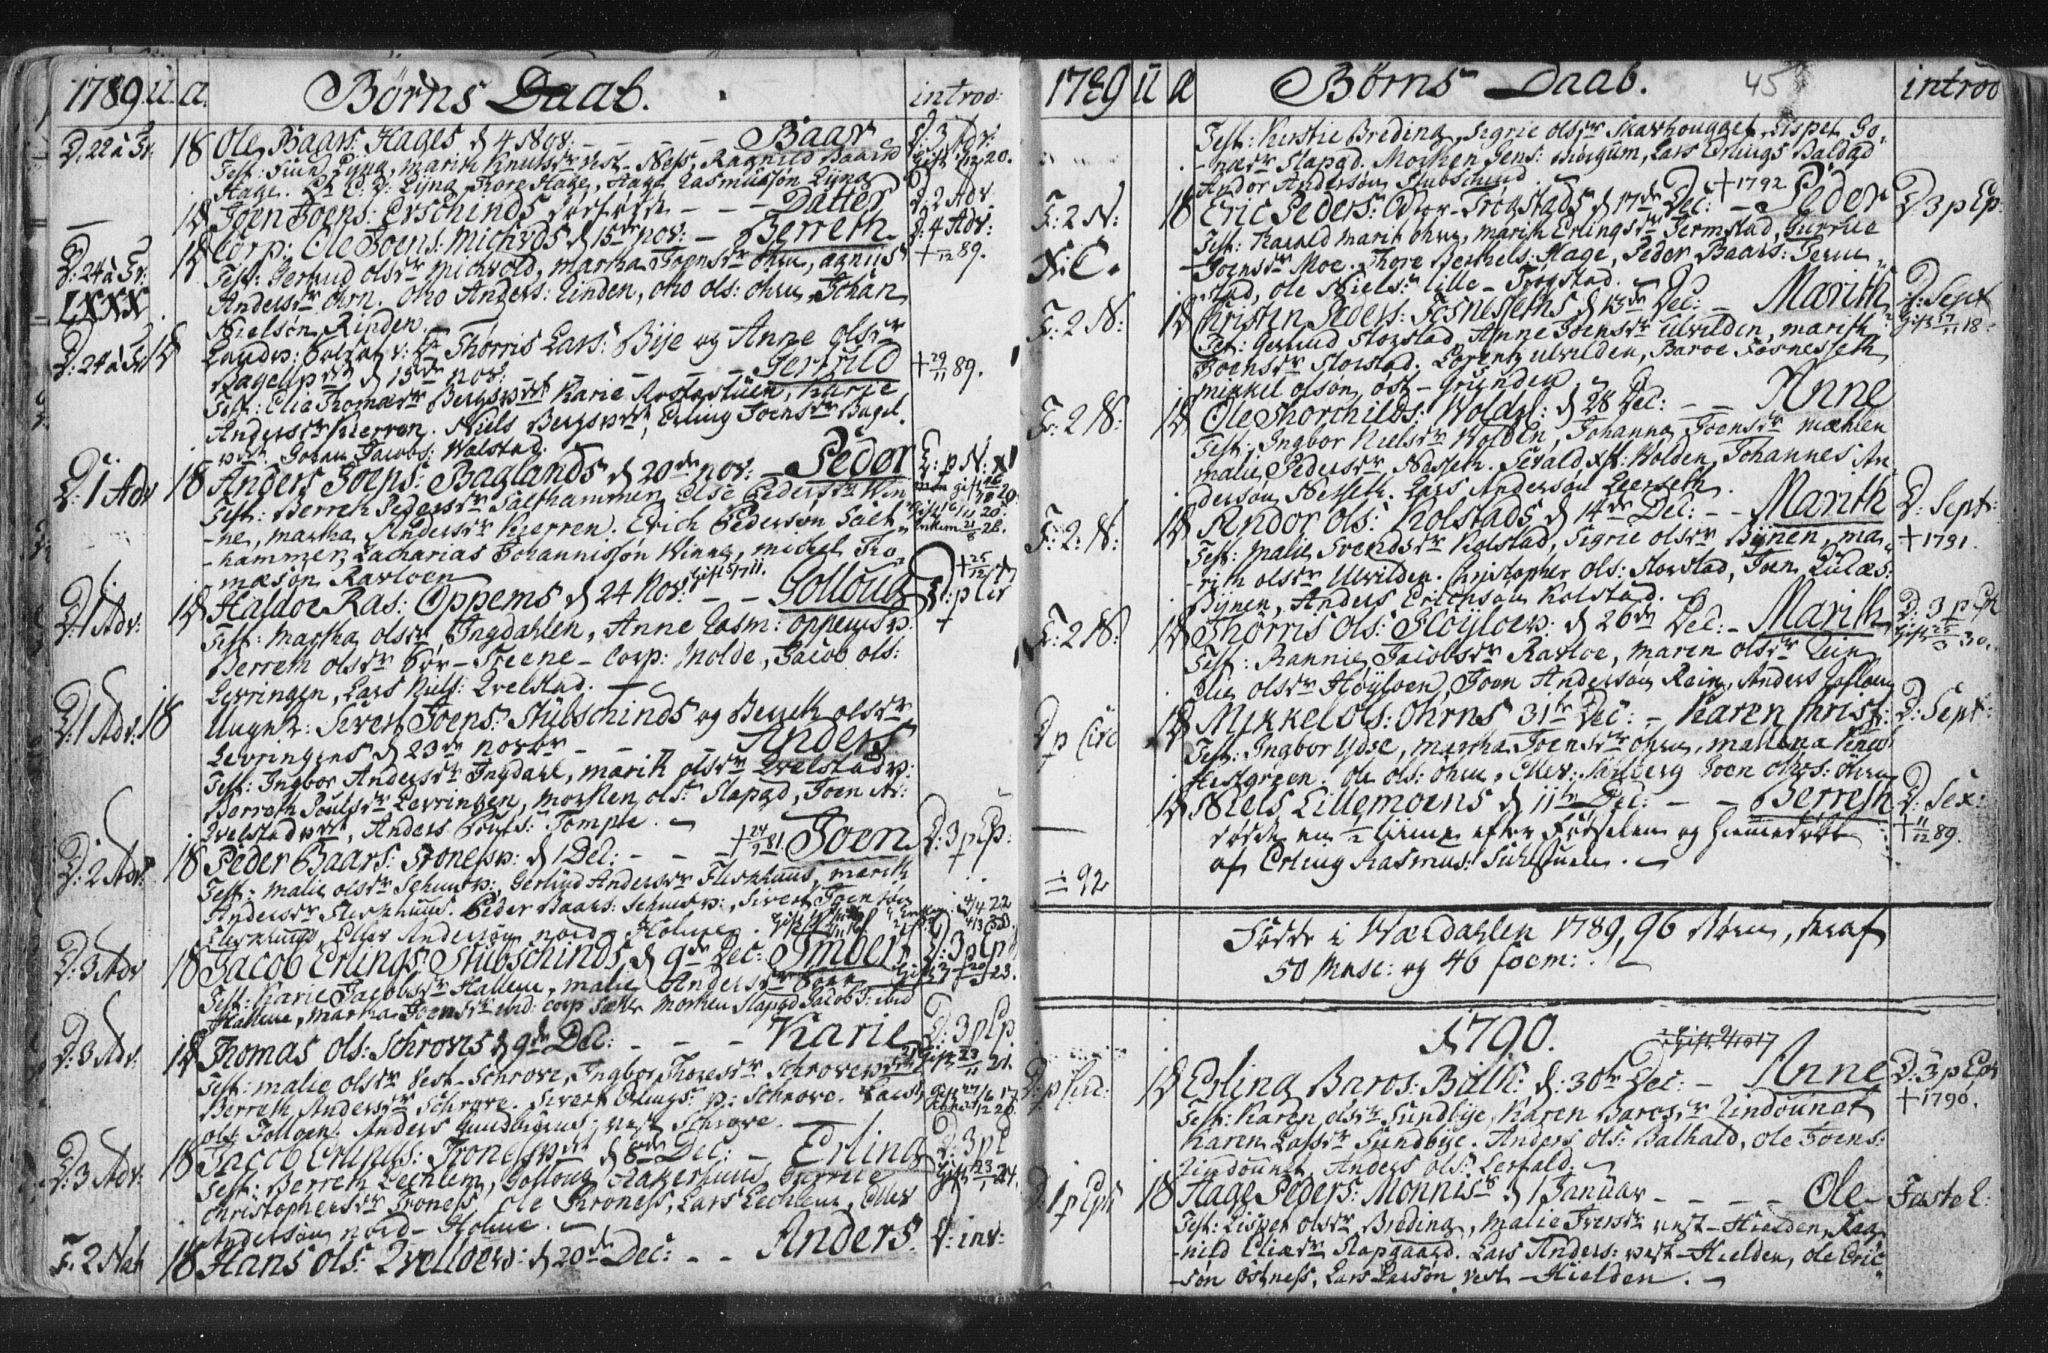 SAT, Ministerialprotokoller, klokkerbøker og fødselsregistre - Nord-Trøndelag, 723/L0232: Ministerialbok nr. 723A03, 1781-1804, s. 45